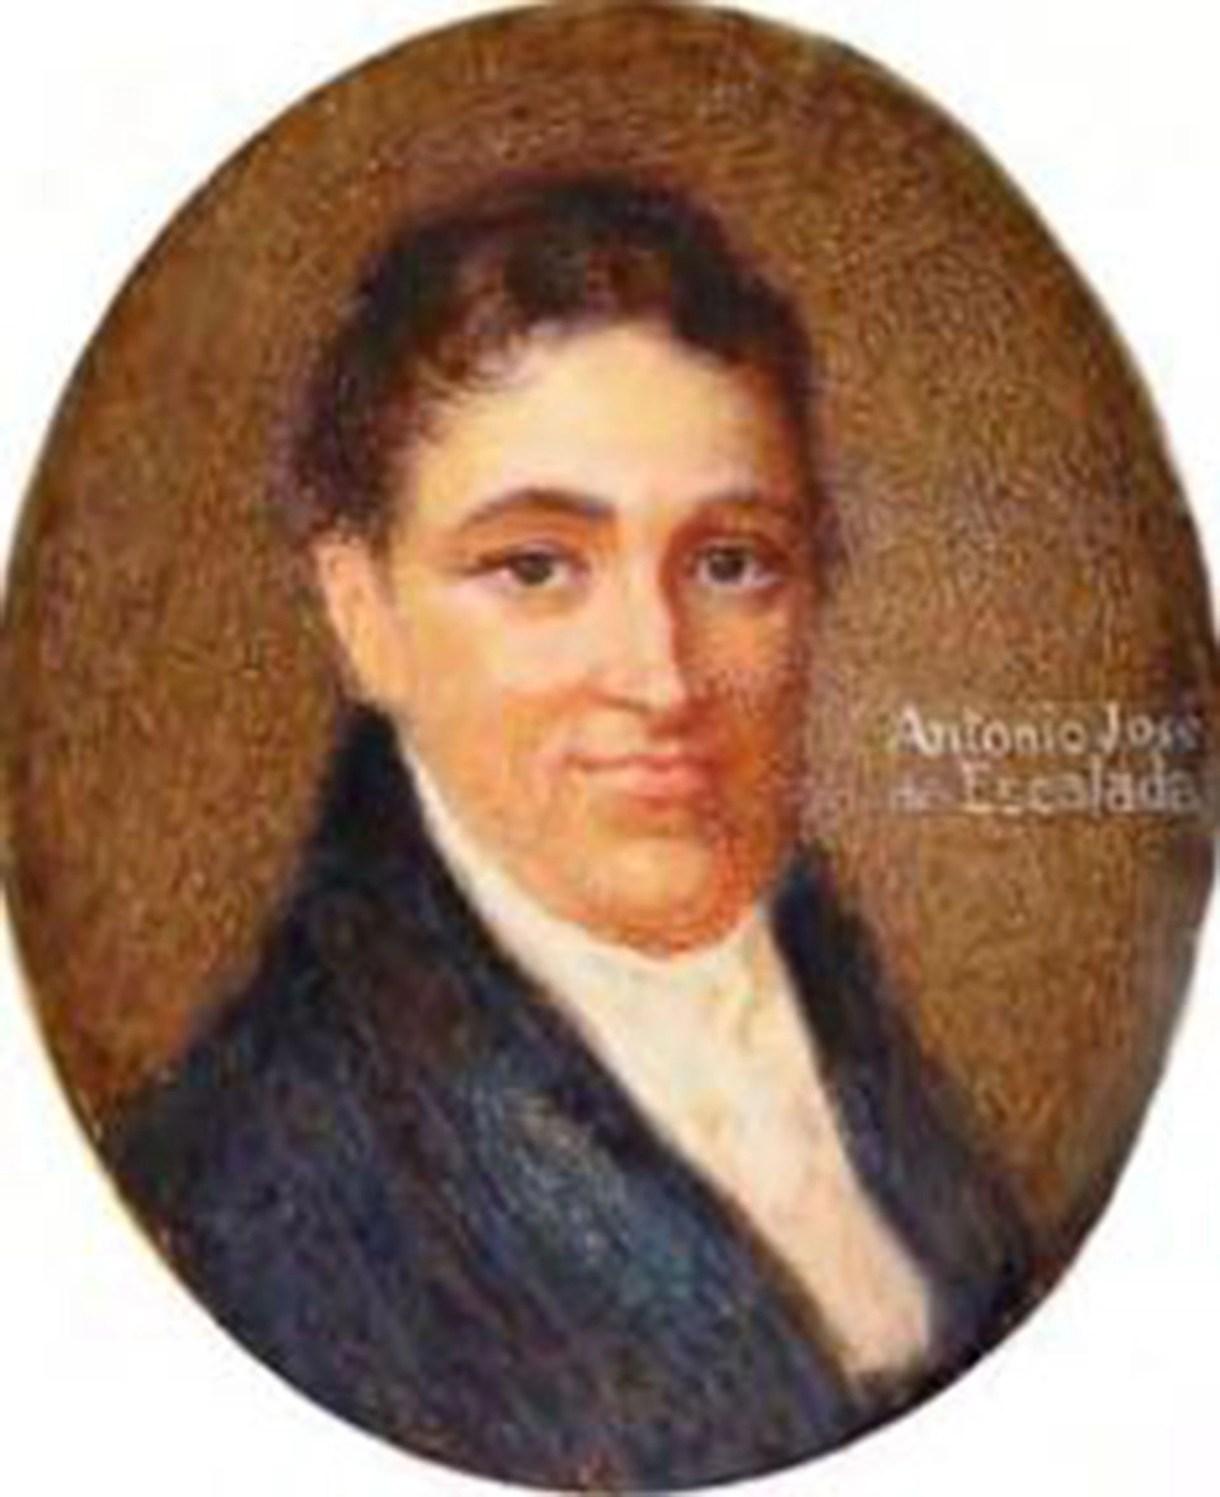 Antonio José de Escalada, padre de Remedios, fue uno de los revolucionarios de Mayo